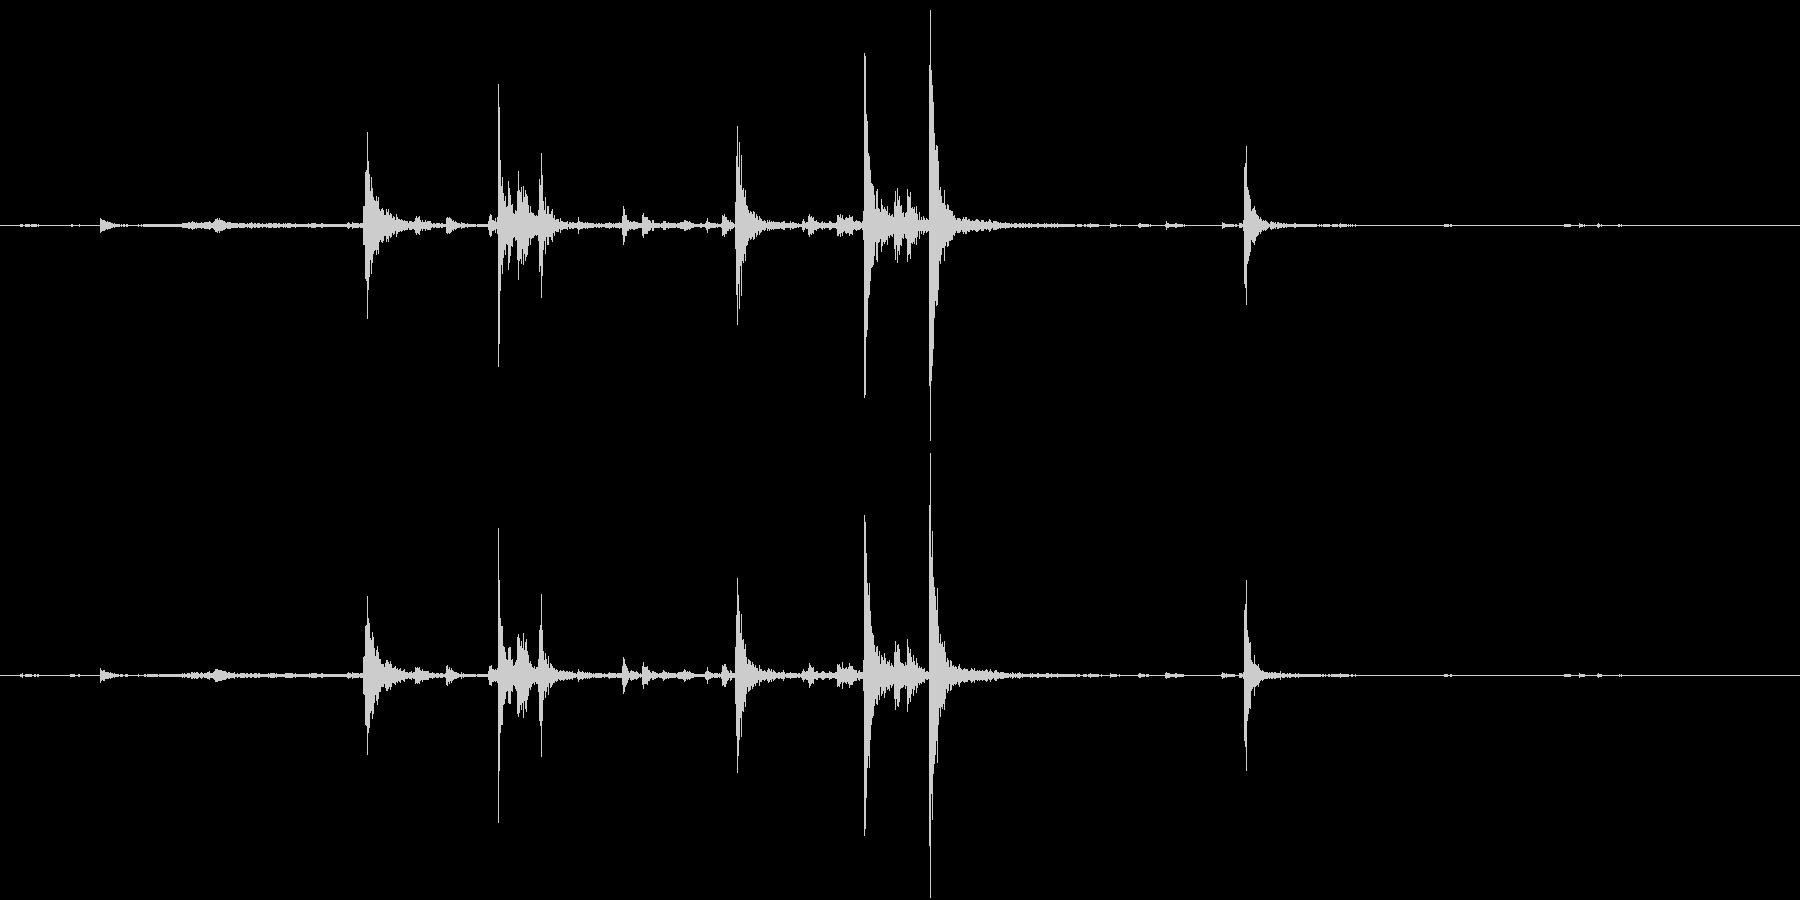 【生録音】弁当・惣菜パックの音 2の未再生の波形